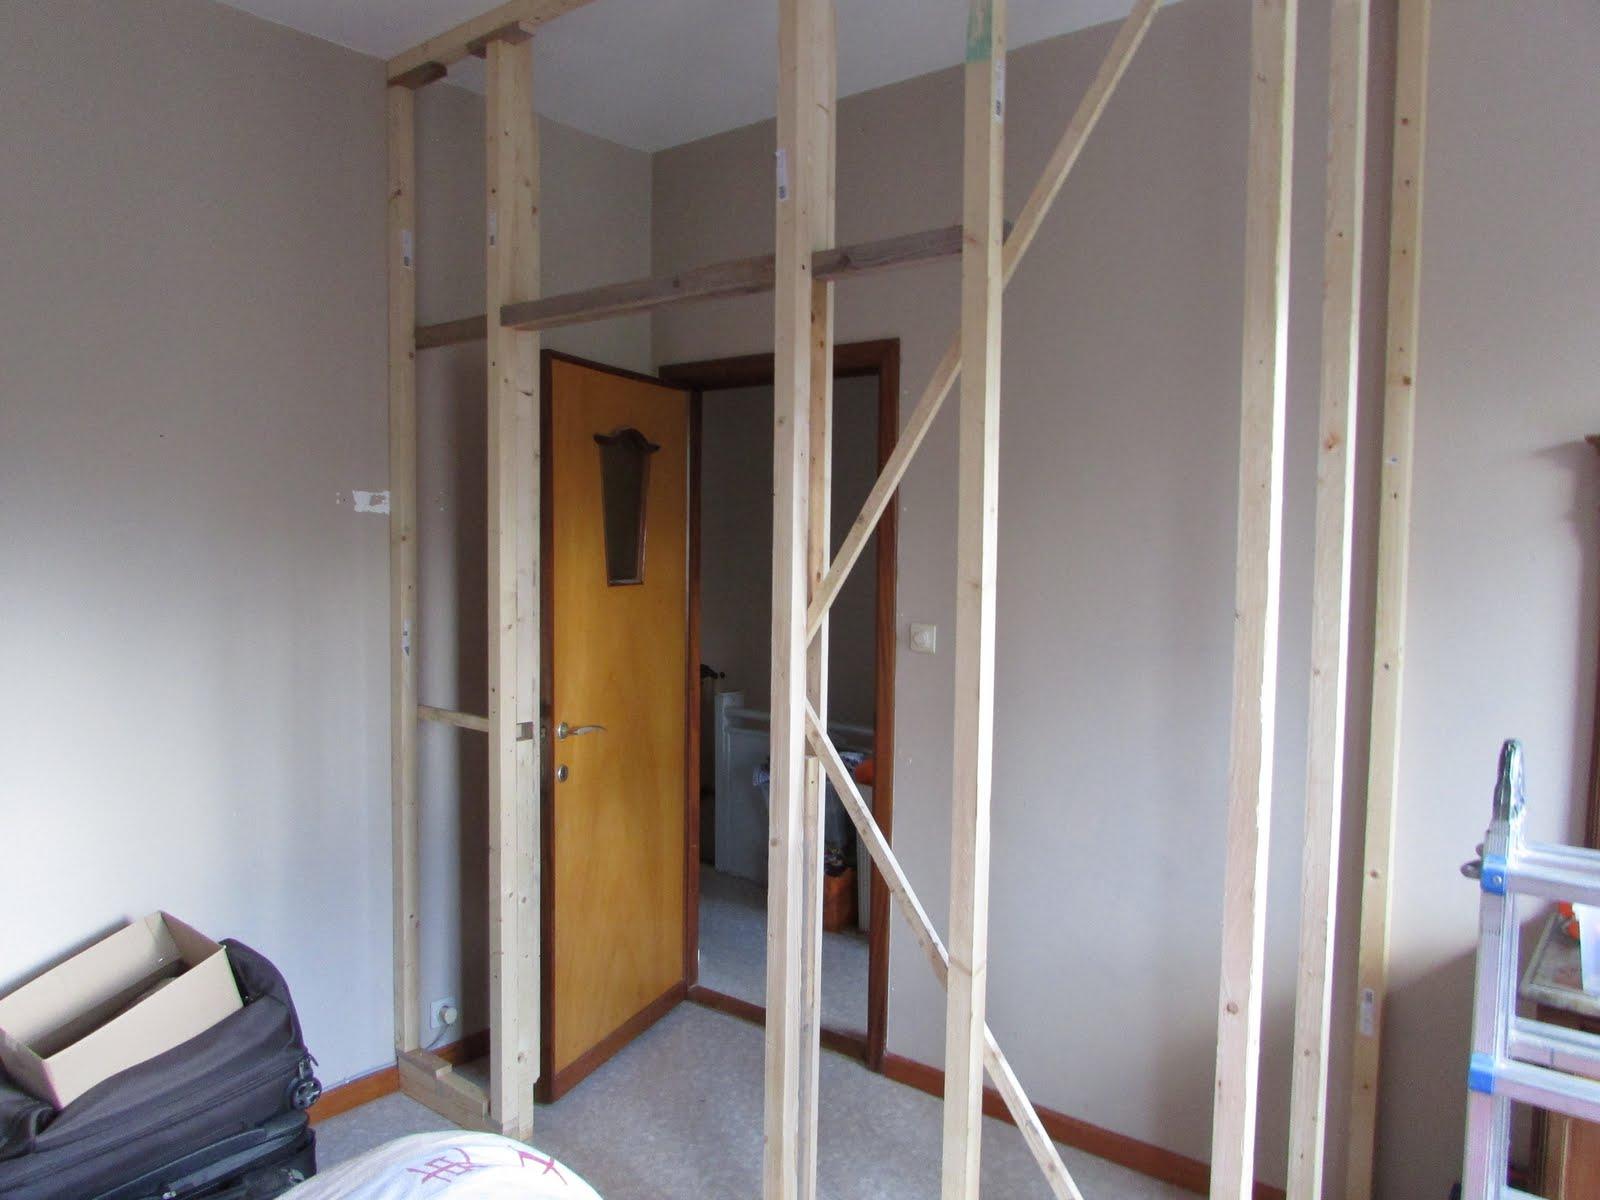 Verbouwing van ons ouderlijk huis voorbereiding afbraak boven - Upgrade naar een kamer ...